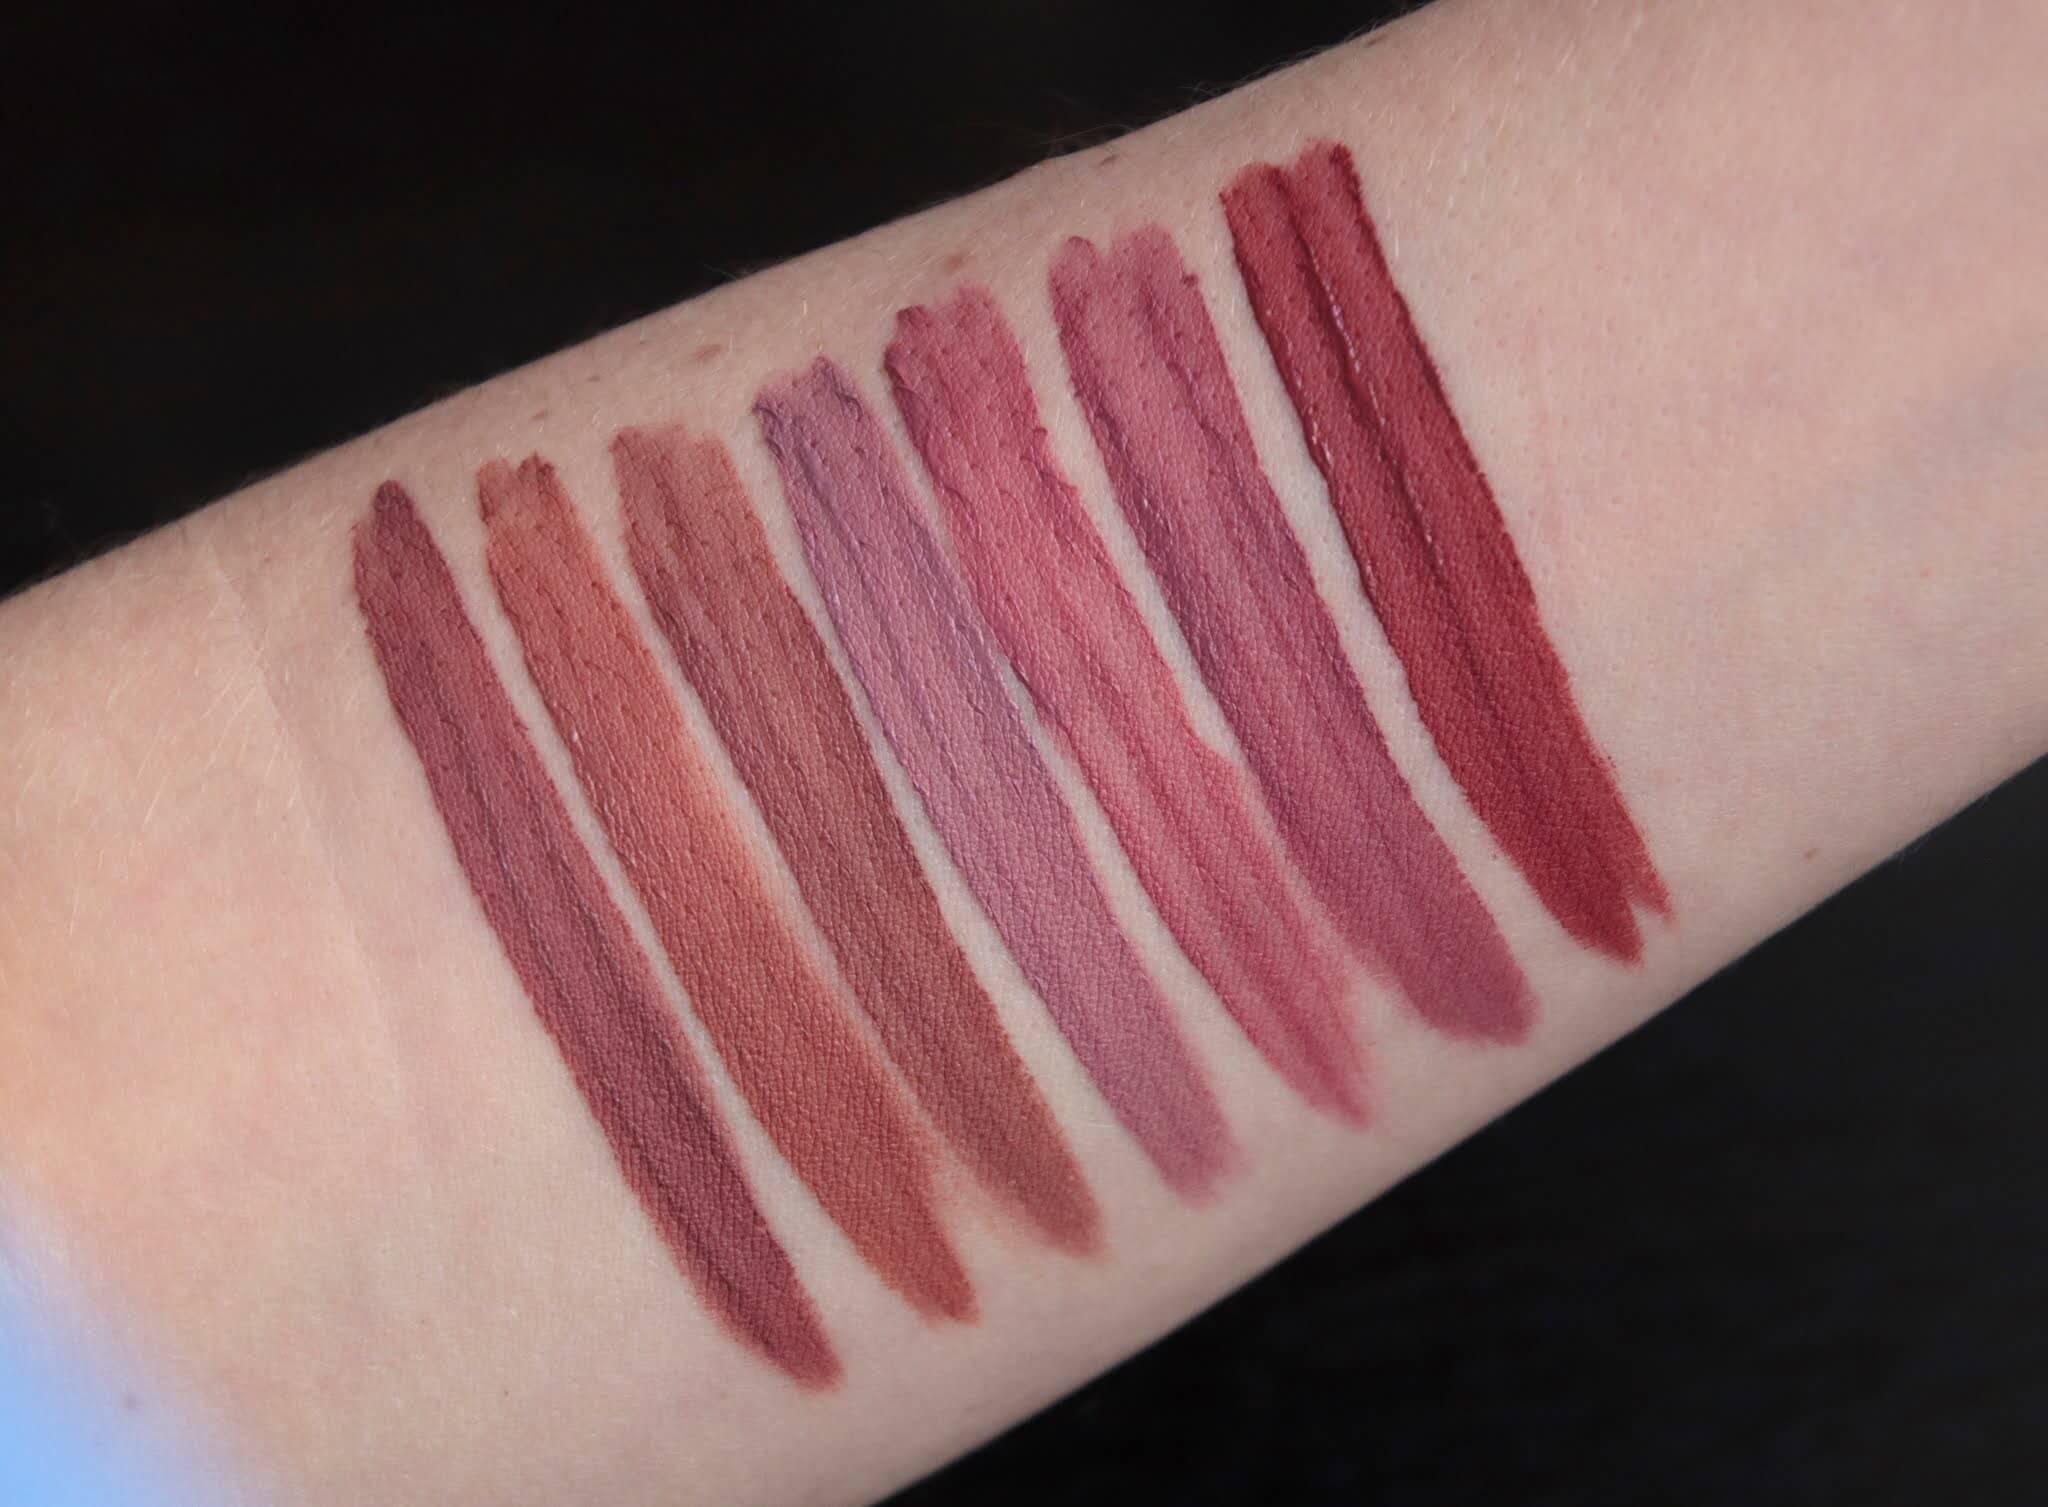 Bourjois Rouge Velvet Ink 19 20 21 22 23 24 25 swatch